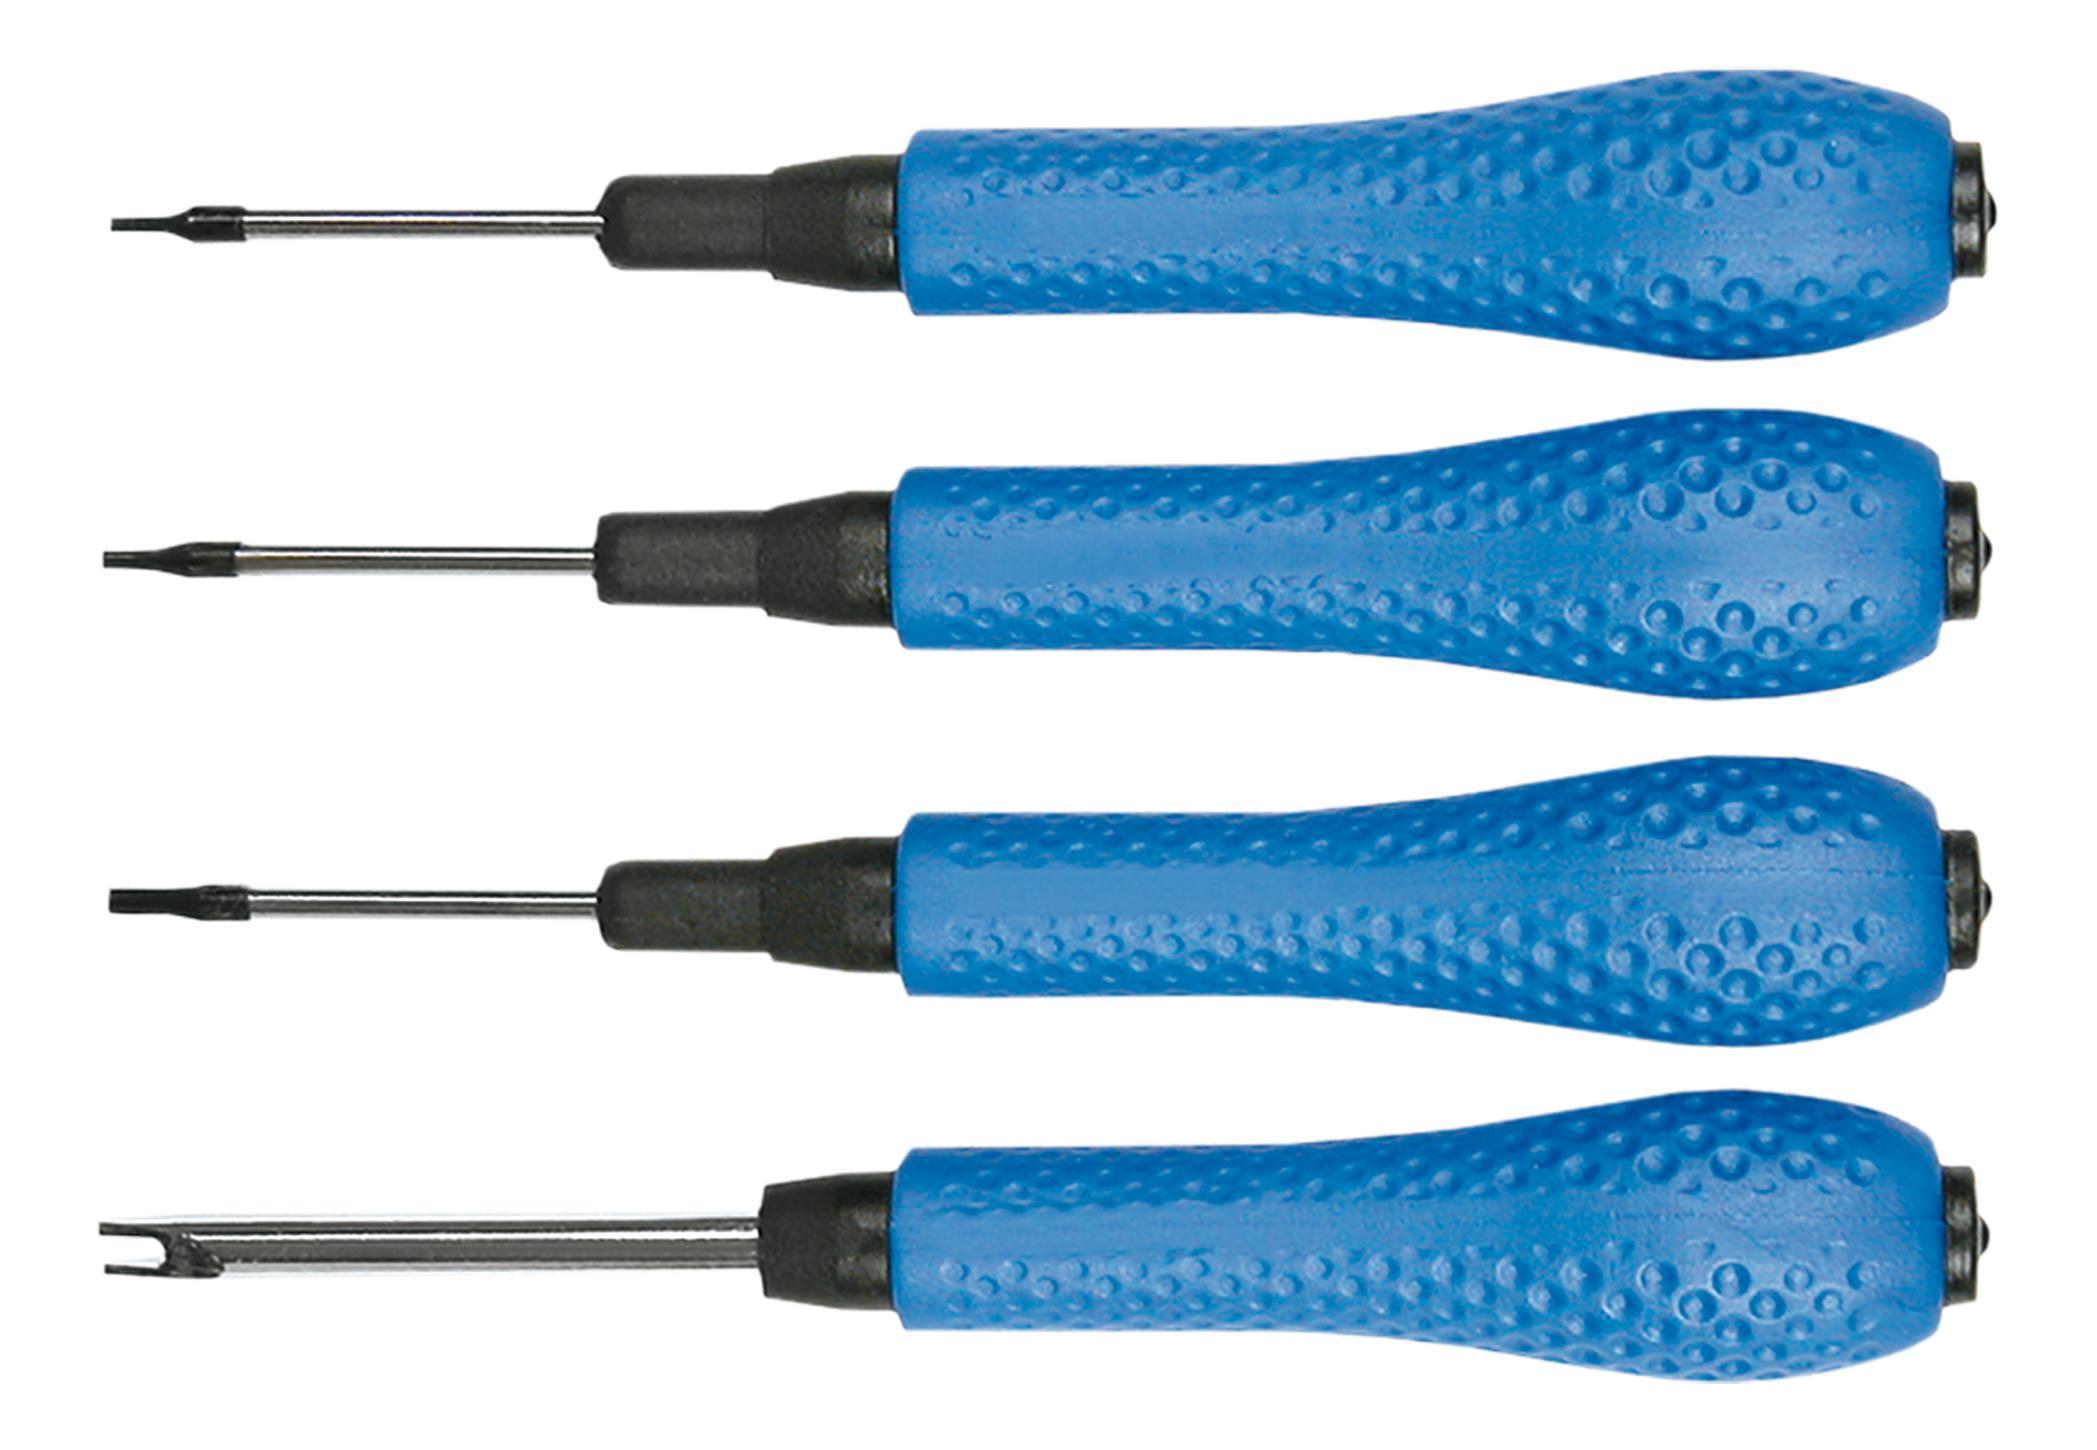 Набор отверток Top tools 39d191 набор отверток для точных работ 6 шт gross 13346